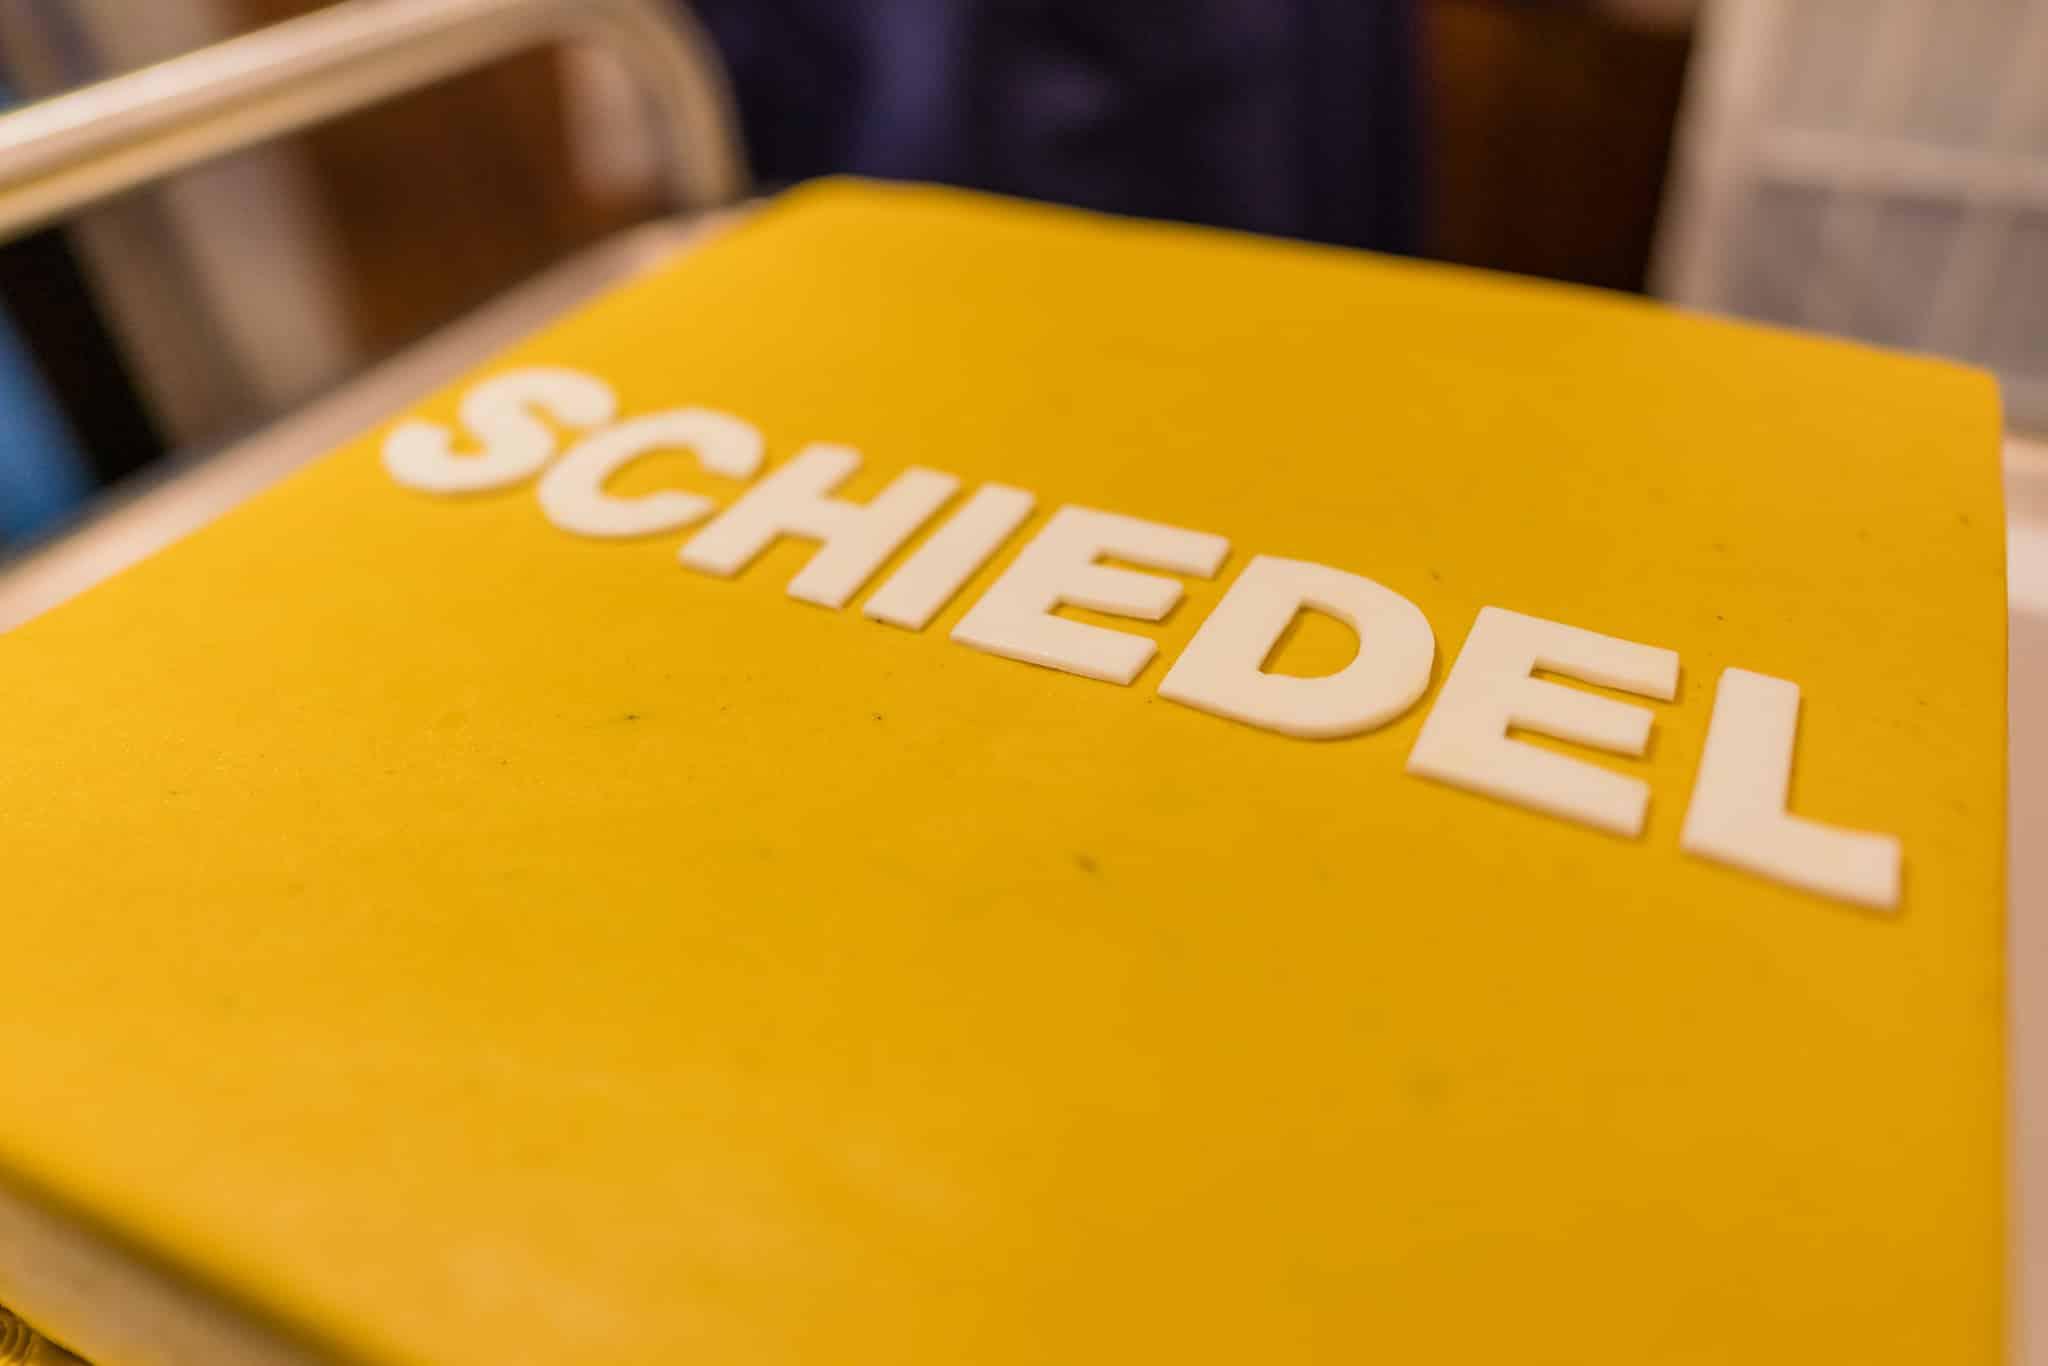 Dort Schiedel.